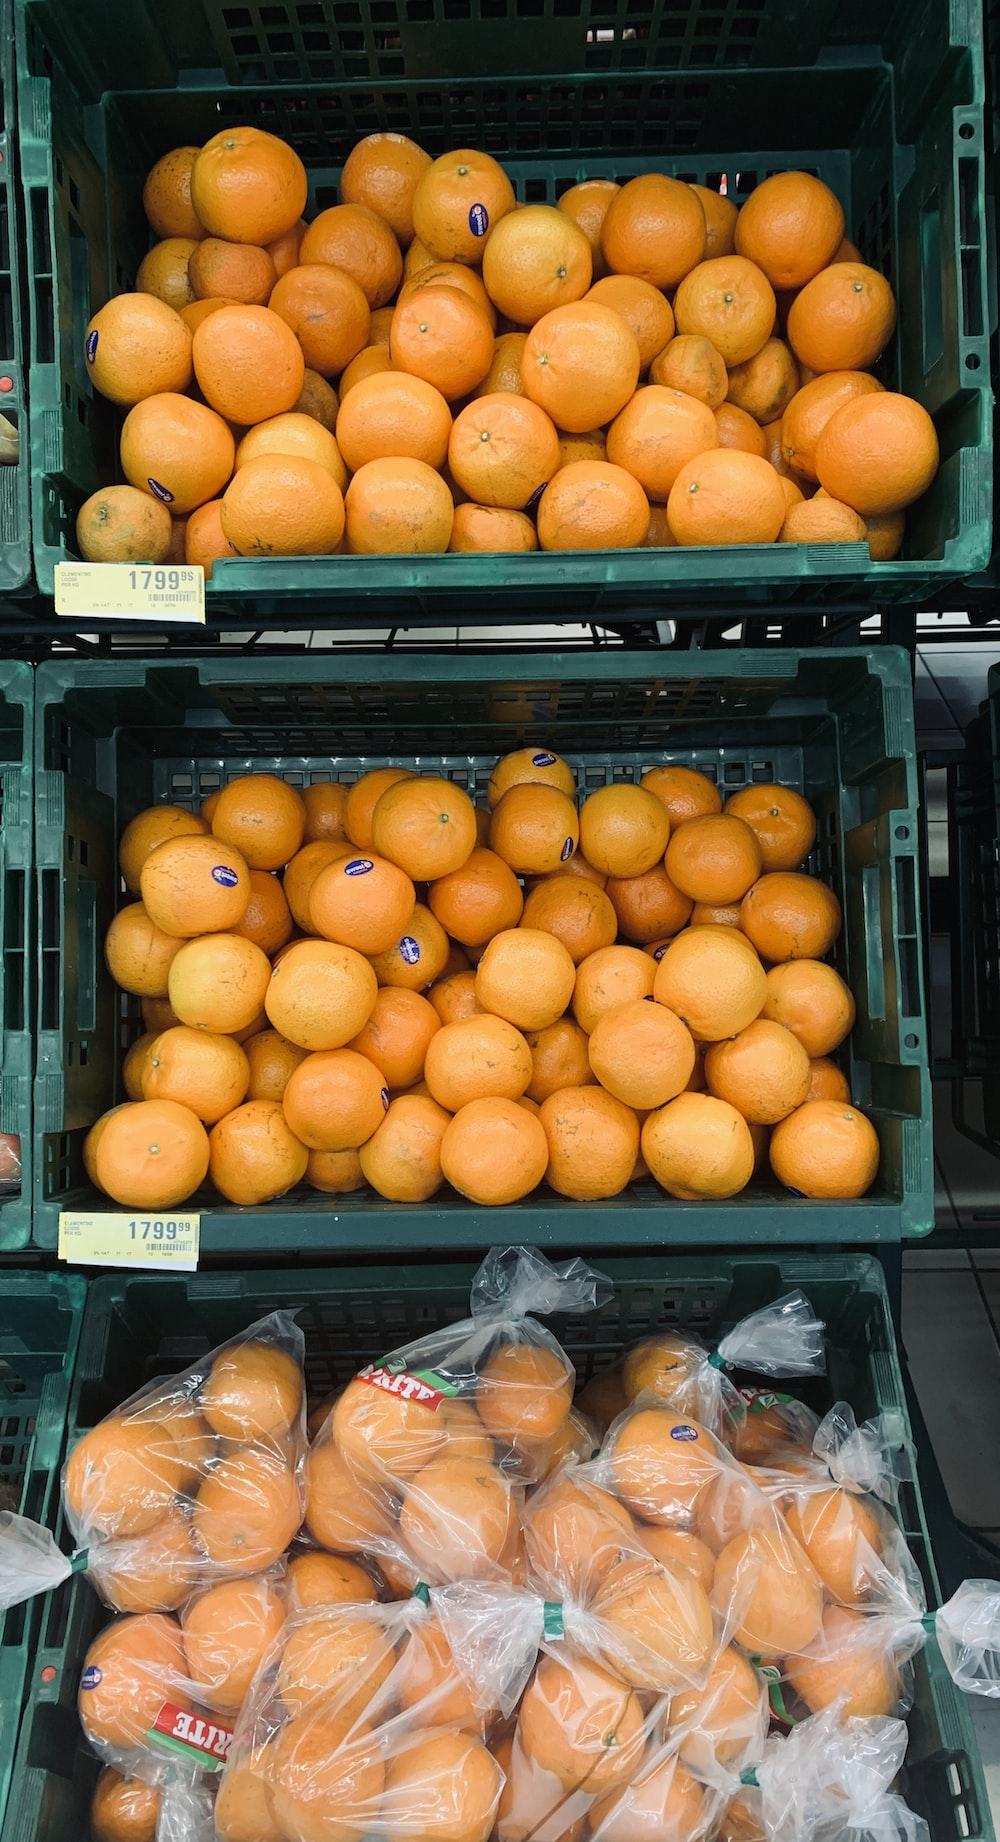 three baskets of oranges